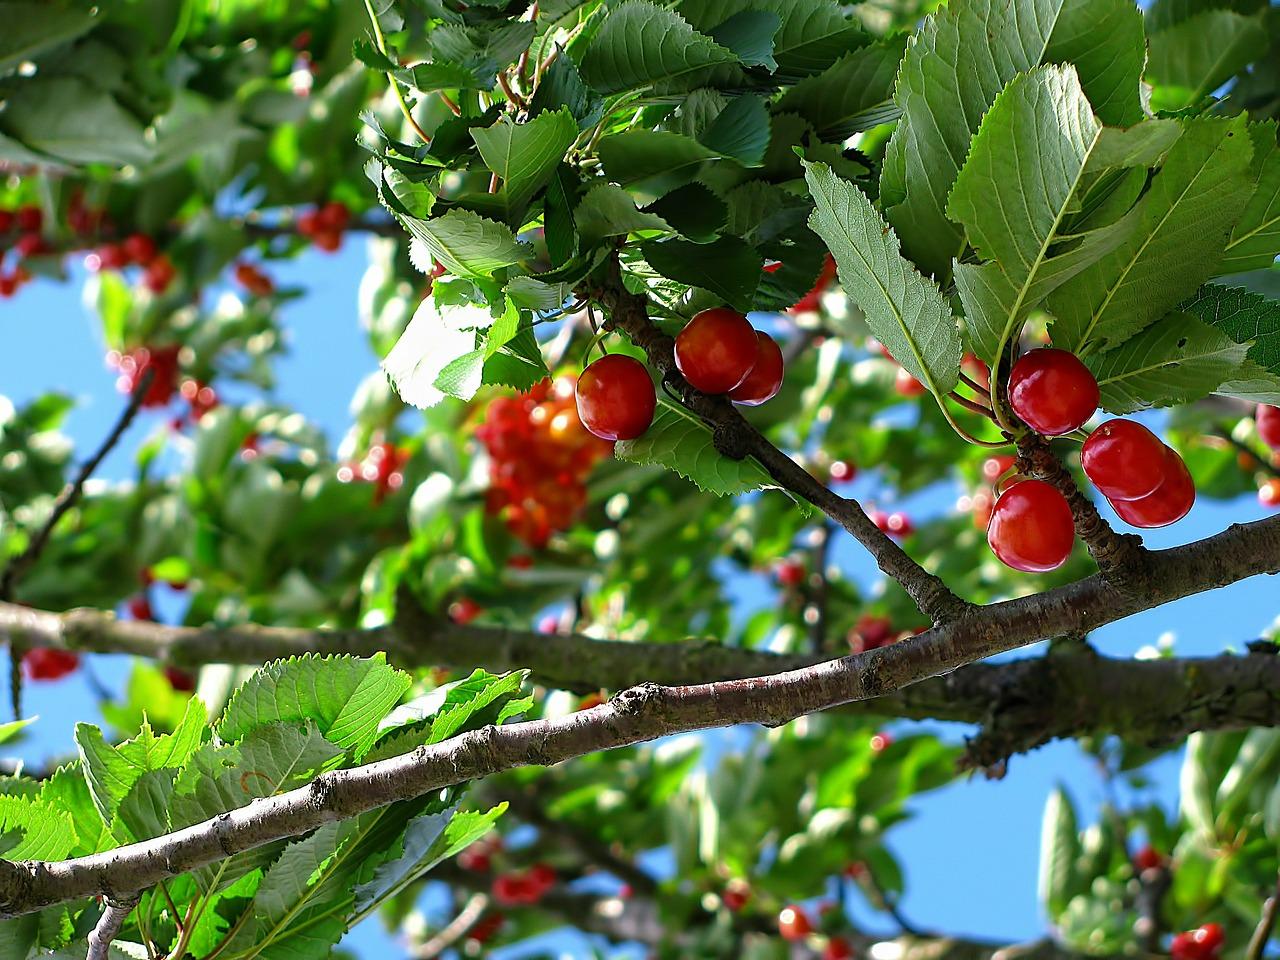 cerise fruit